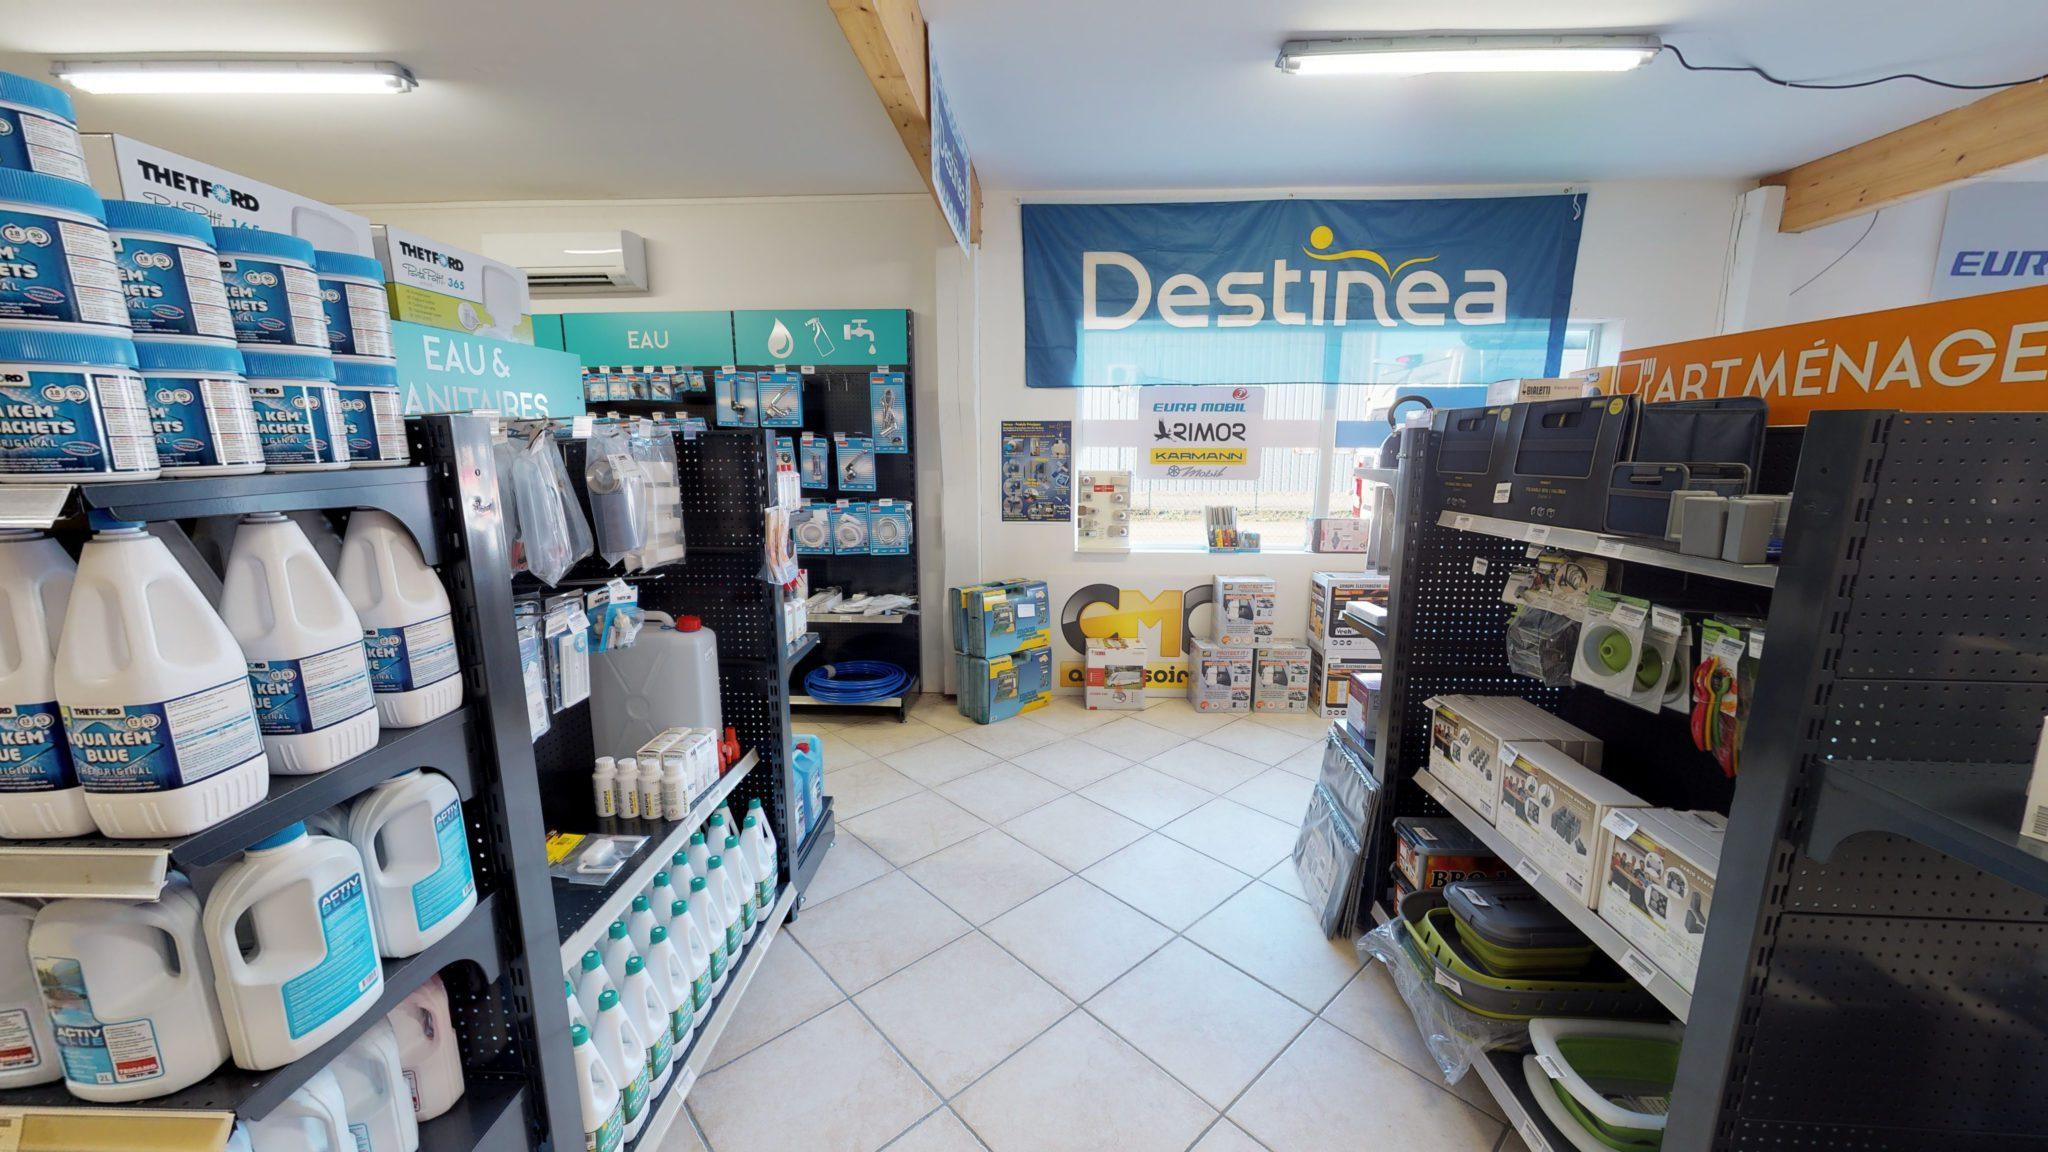 Destinea boutique virtuel